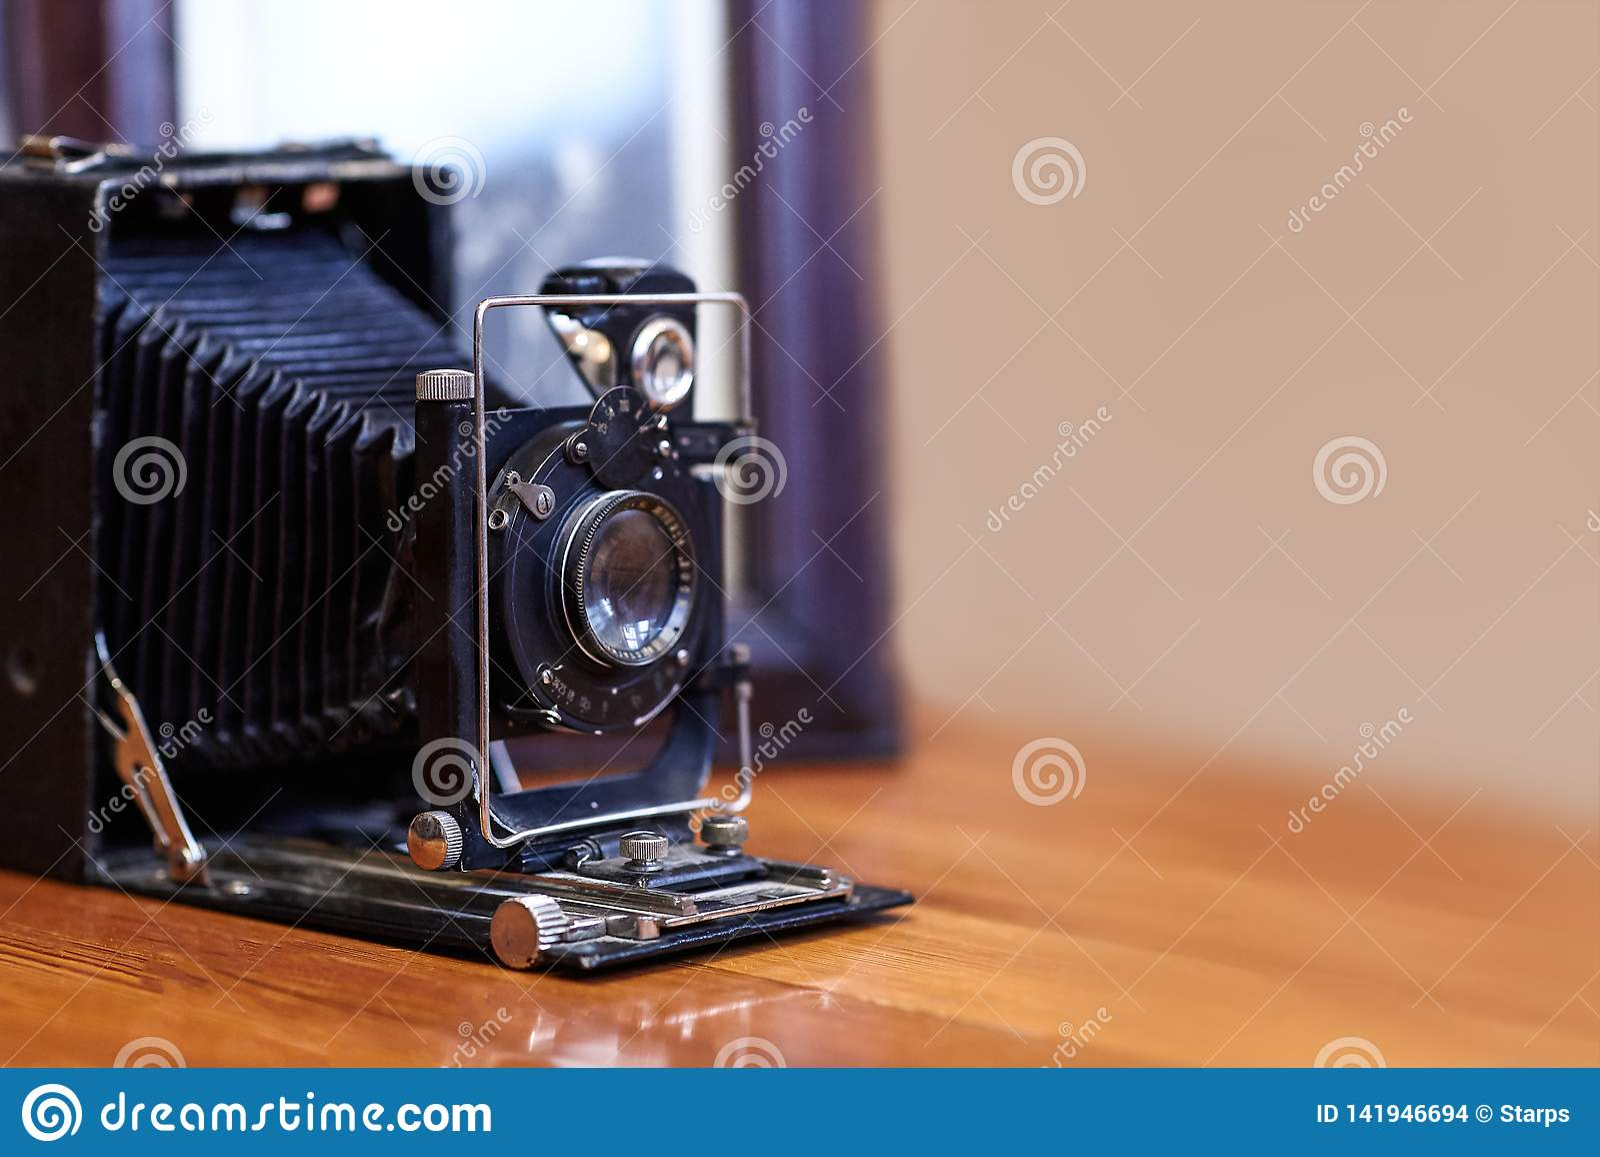 Imagen ascendente cercana de la cámara polvorienta del viejo vintage con la vieja imagen en el fondo borroso, foco selectivo